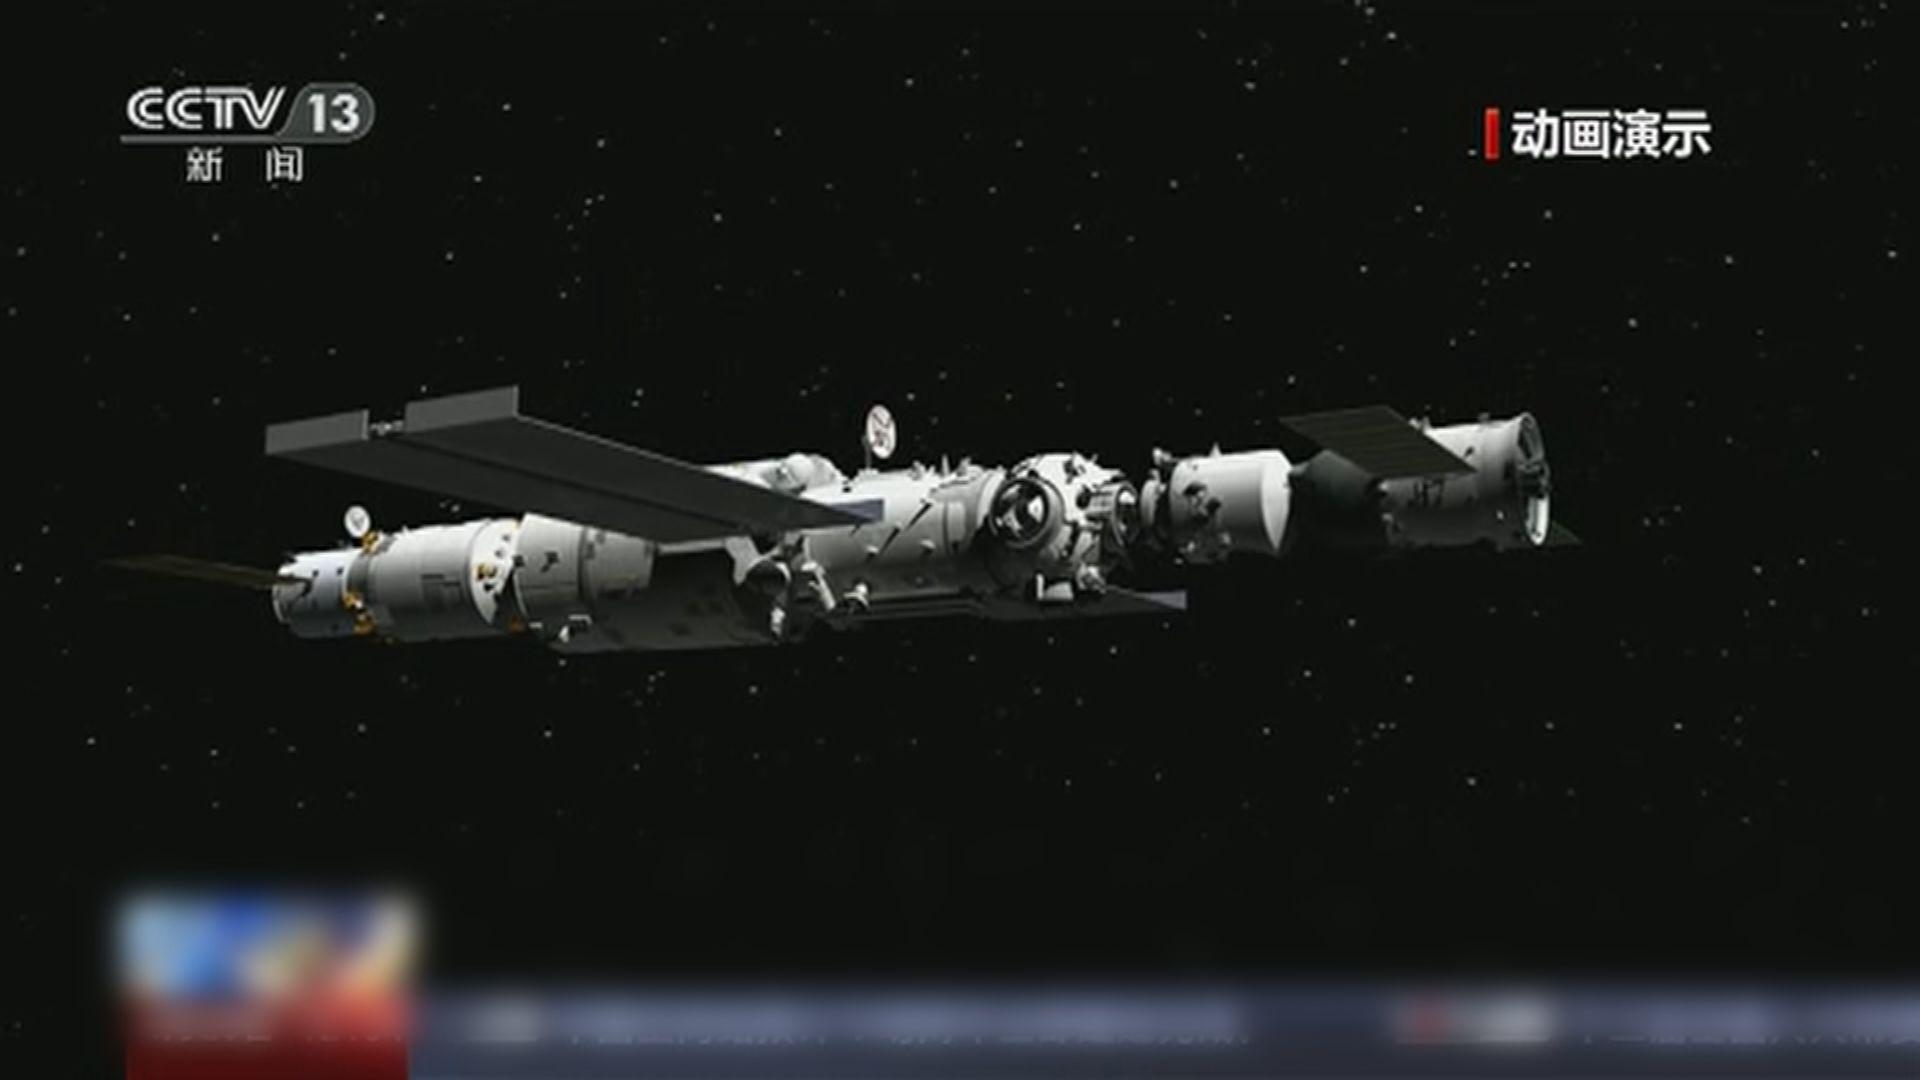 中國天宮太空站料明年底完成建造 最長能運作15年